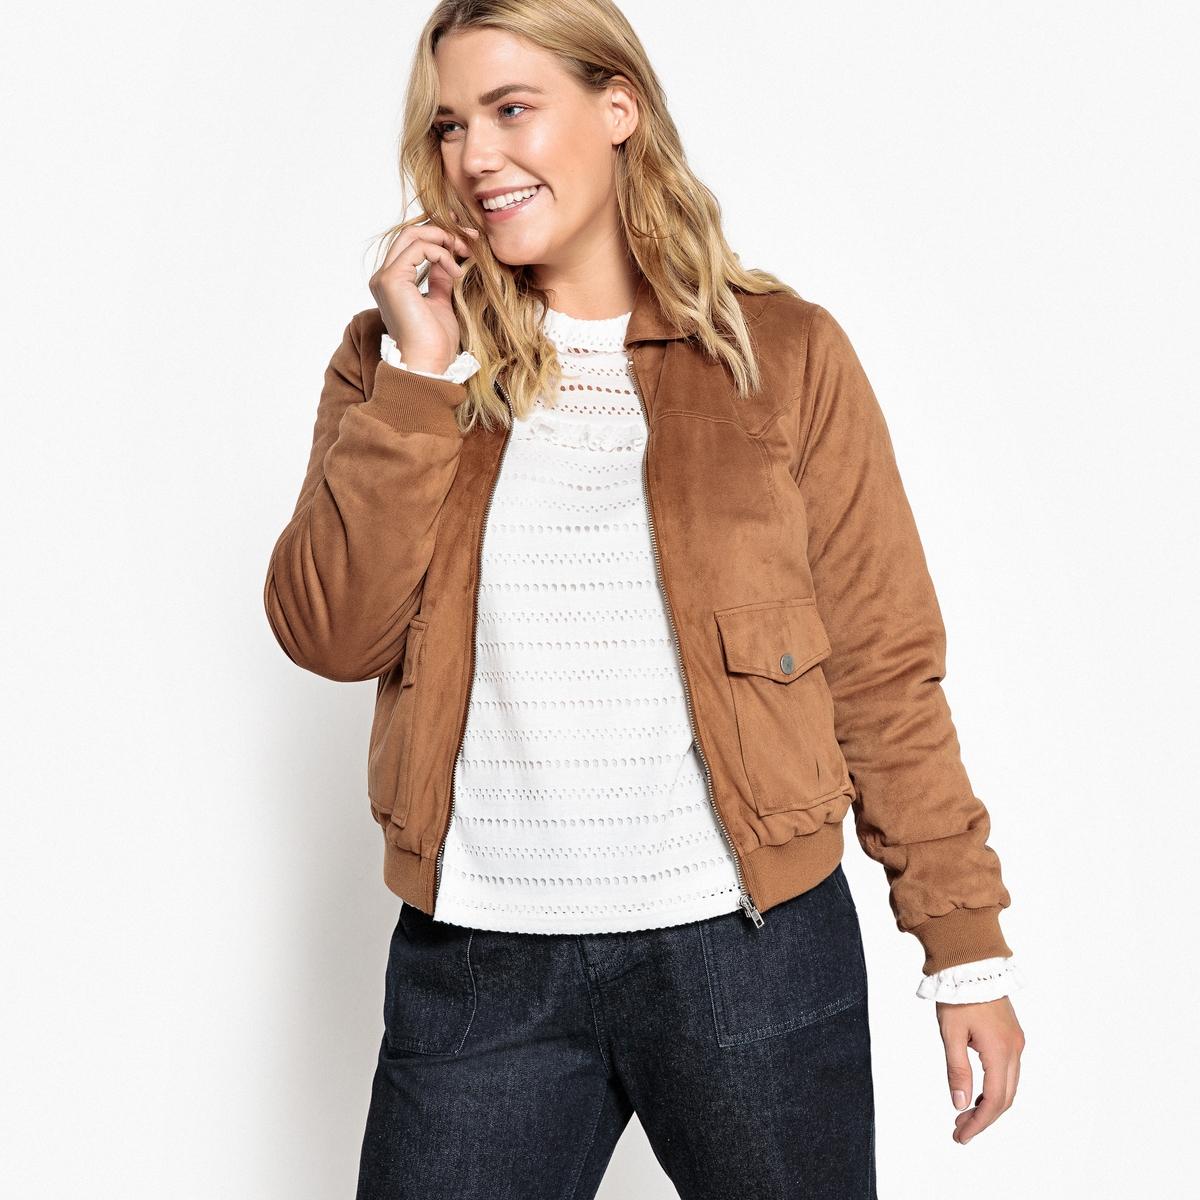 Kurze Jacke in Lederoptik  gerader Schnitt   Bekleidung > Jacken > Sonstige Jacken   Braun   Elasthan - Polyester   CASTALUNA